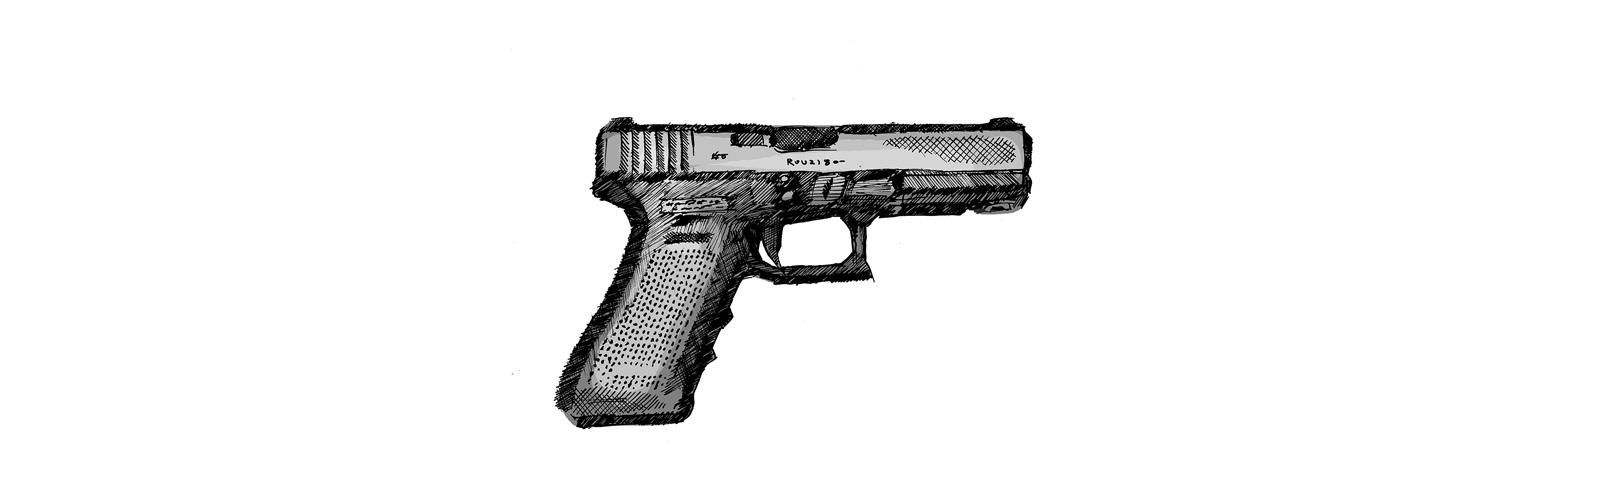 hand-gun-1